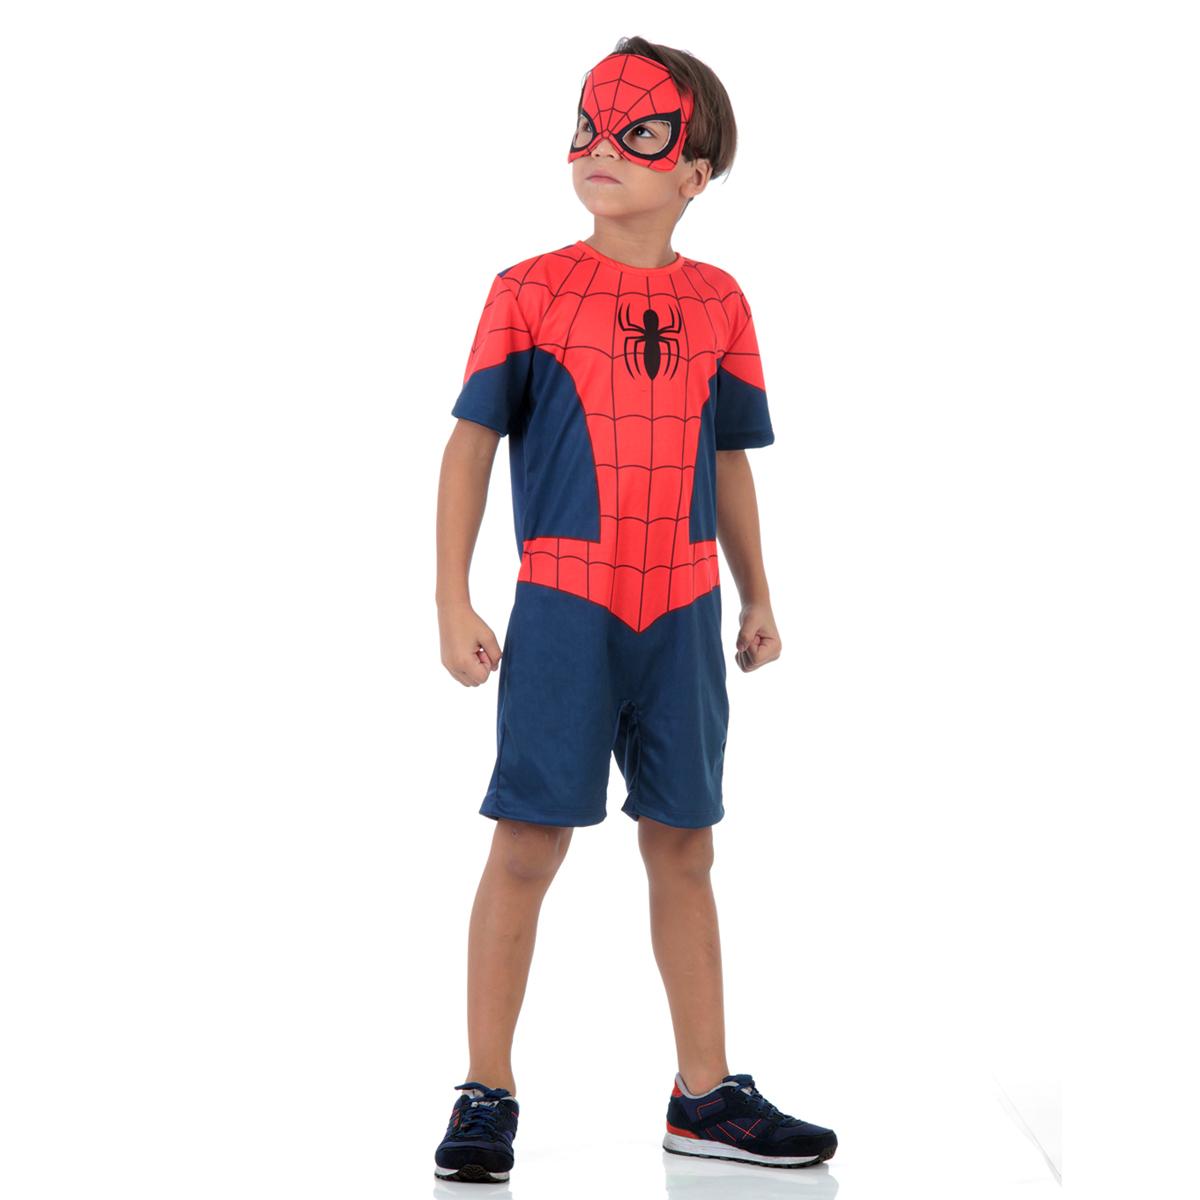 Fantasia Homem Aranha Curto Infantil - Marvel - Spider Man - Abrakadabra